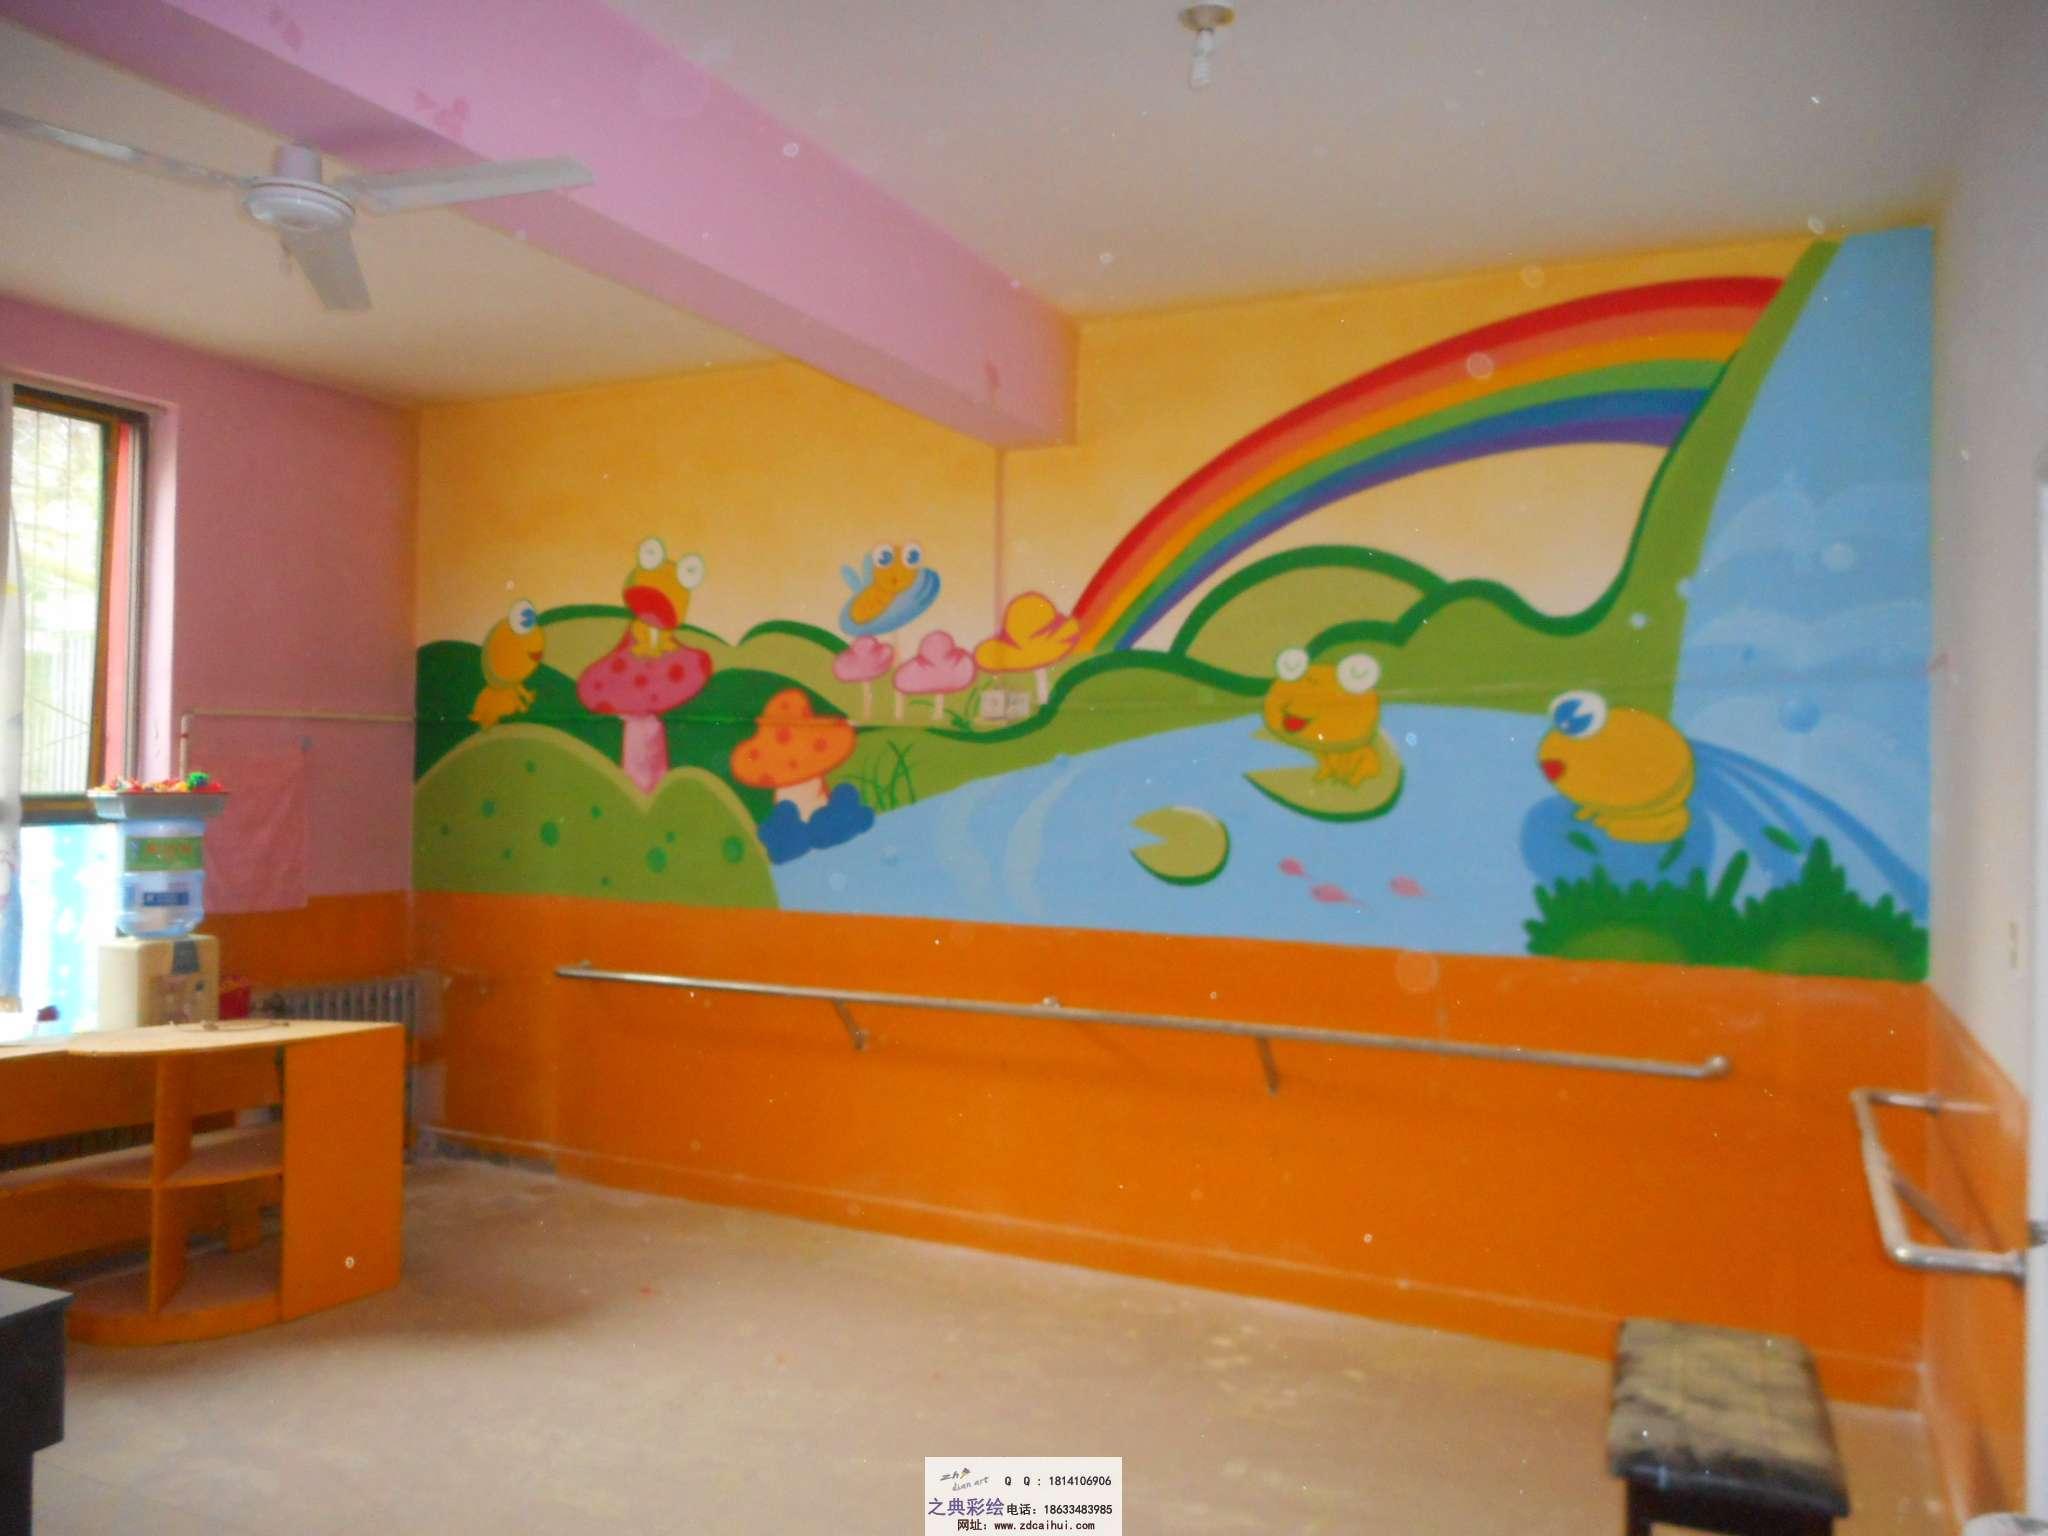 开发区花样年华幼儿园教室墙体彩绘案例 - ▊裕华区之